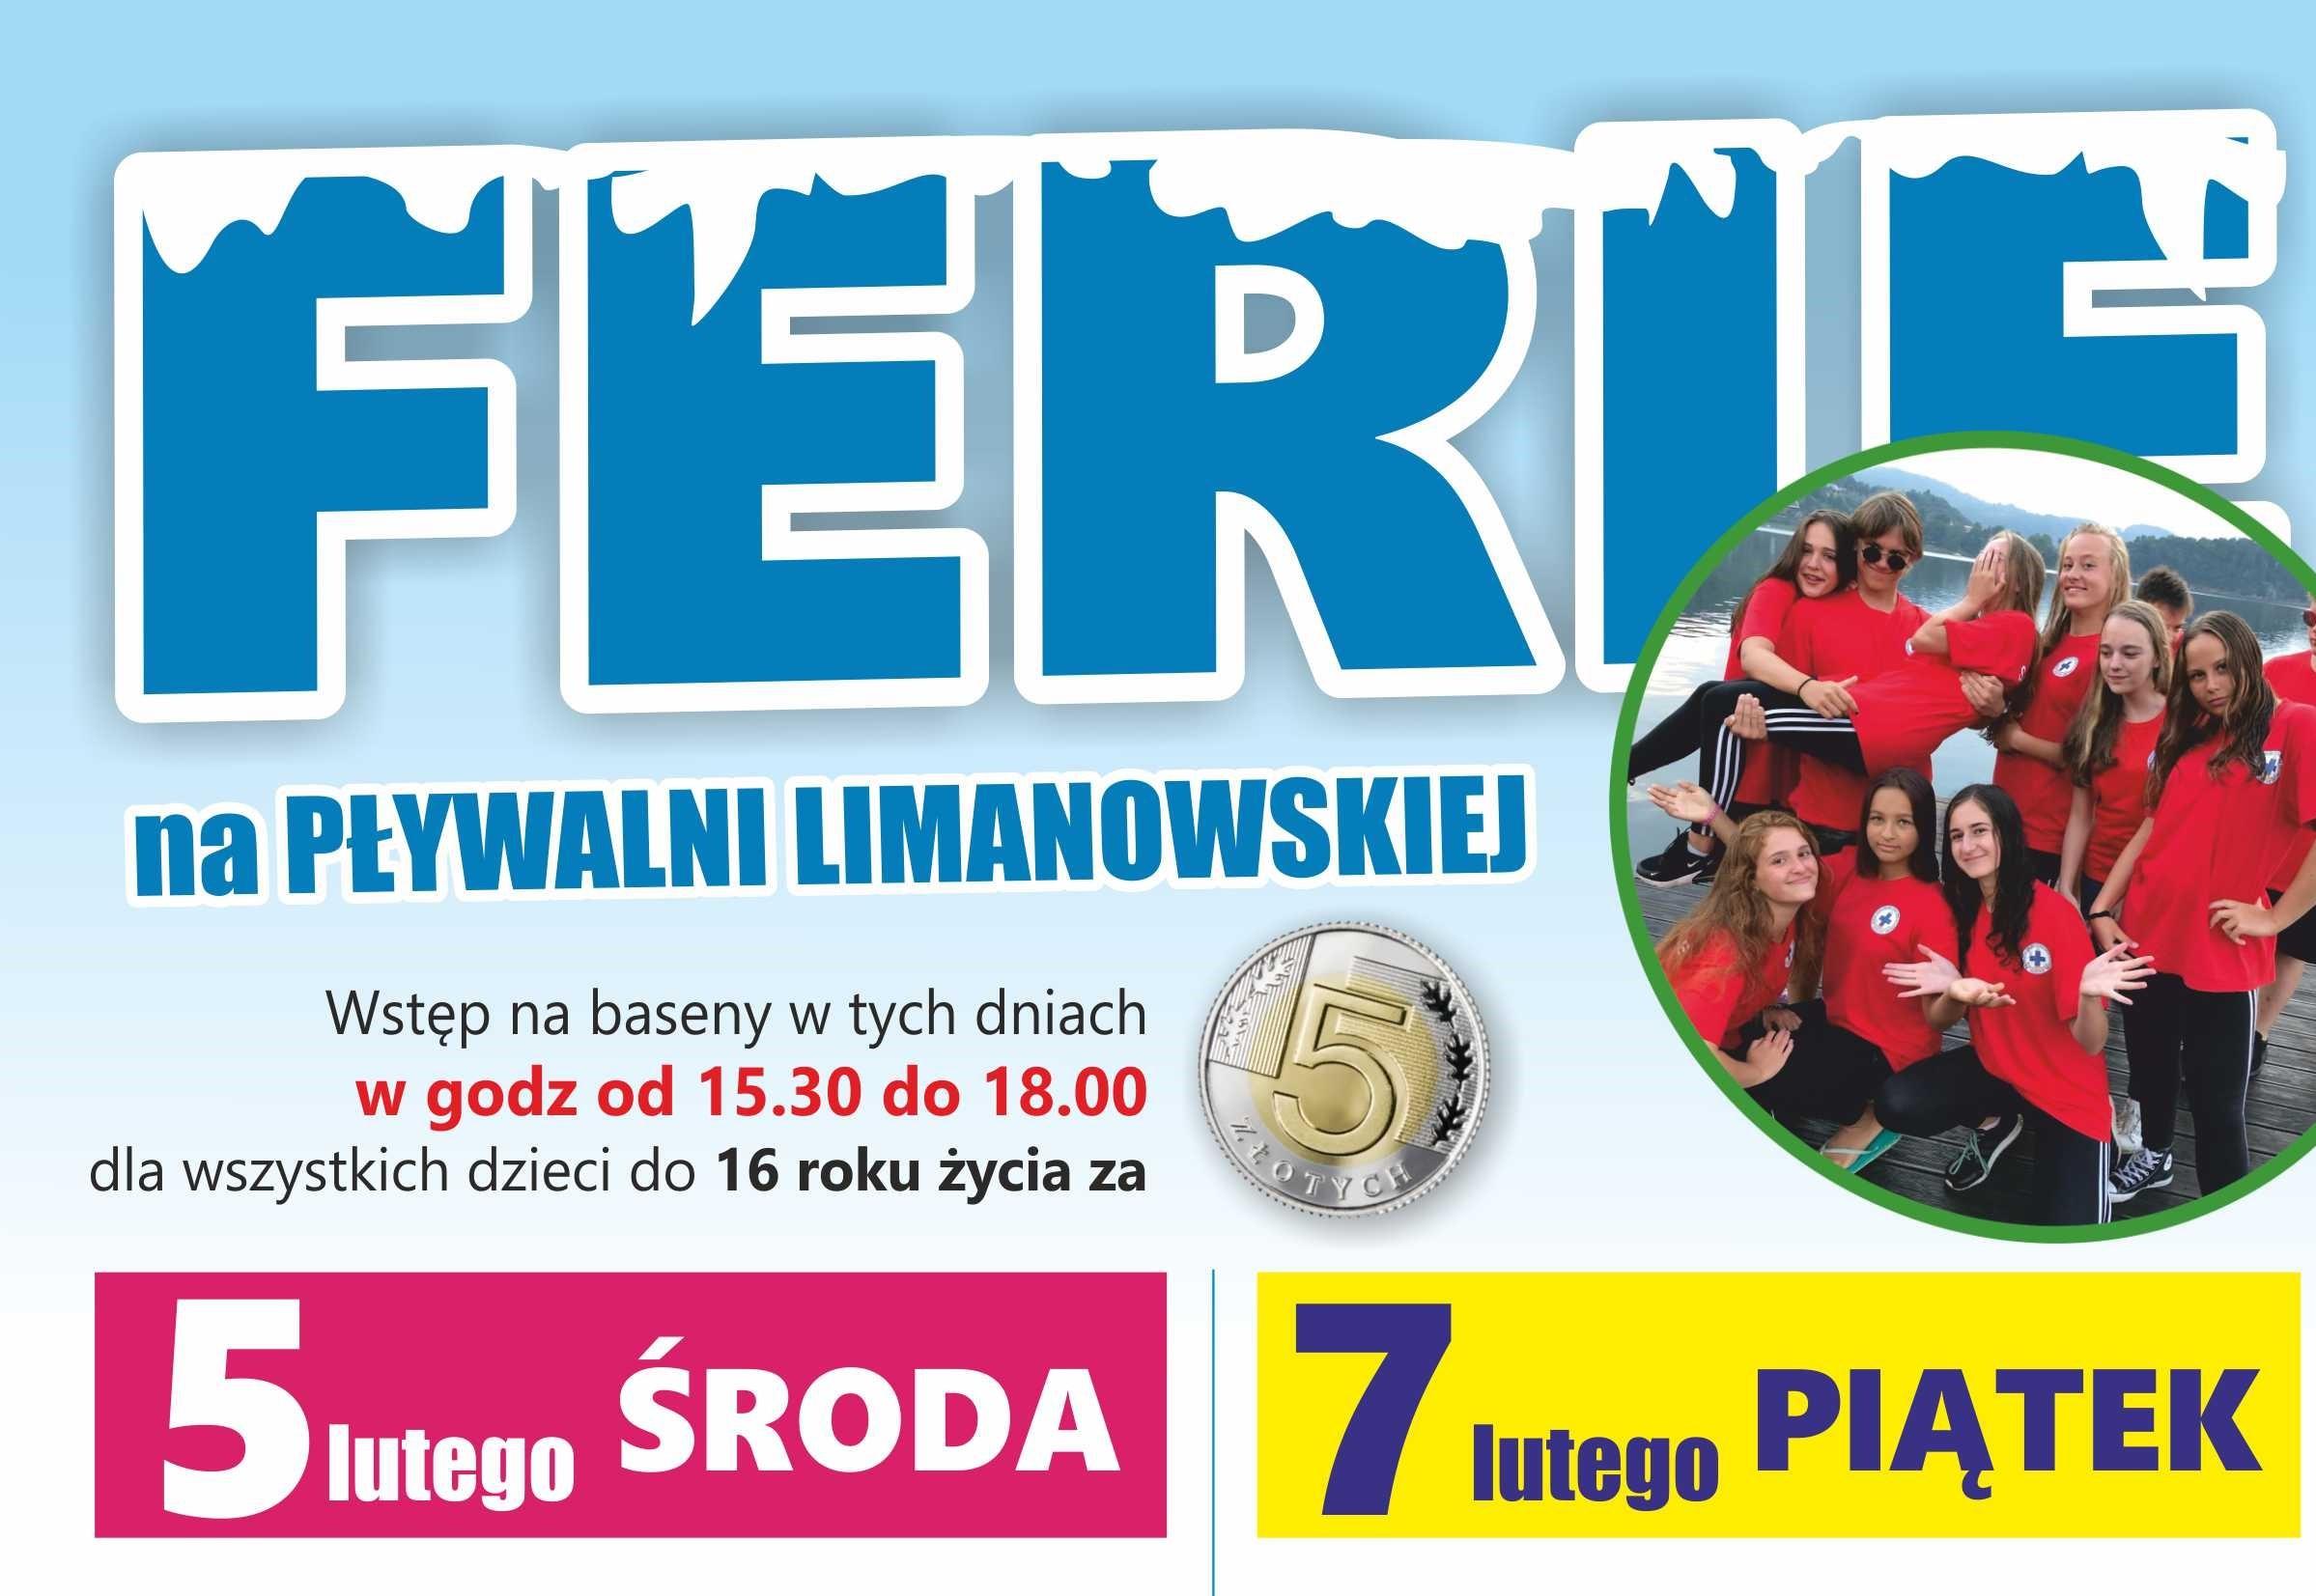 Ferie na Pływalni Limanowskiej 2020 - plakat informacyjny